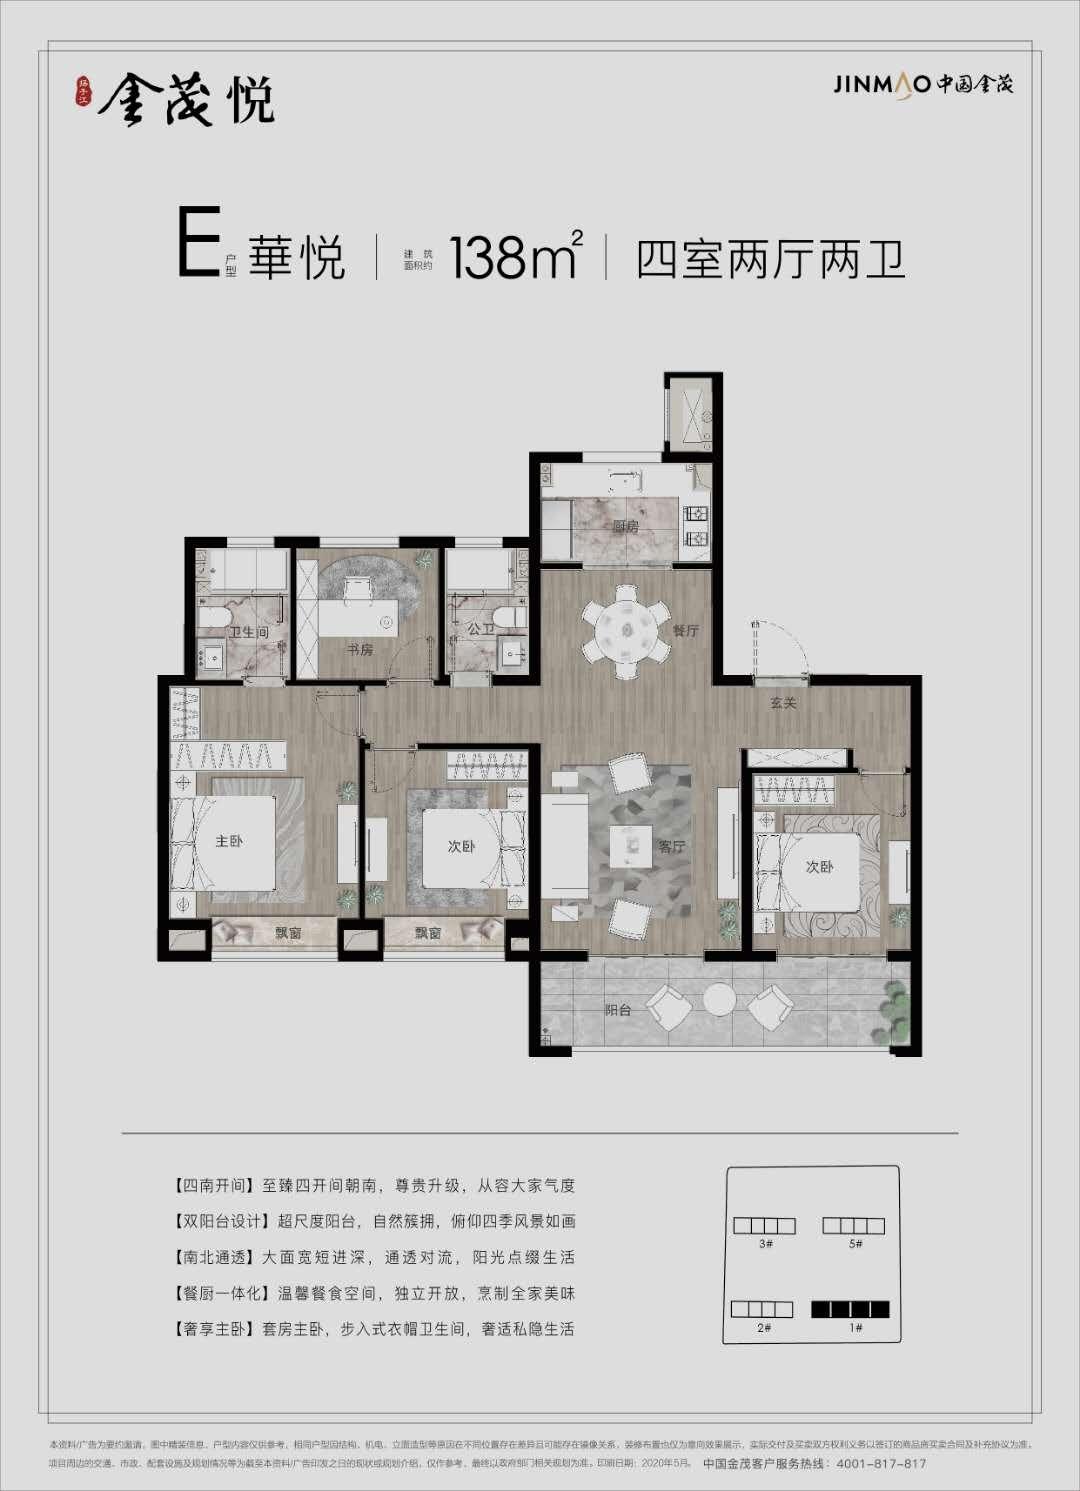 扬子江金茂悦C6地块138㎡户型